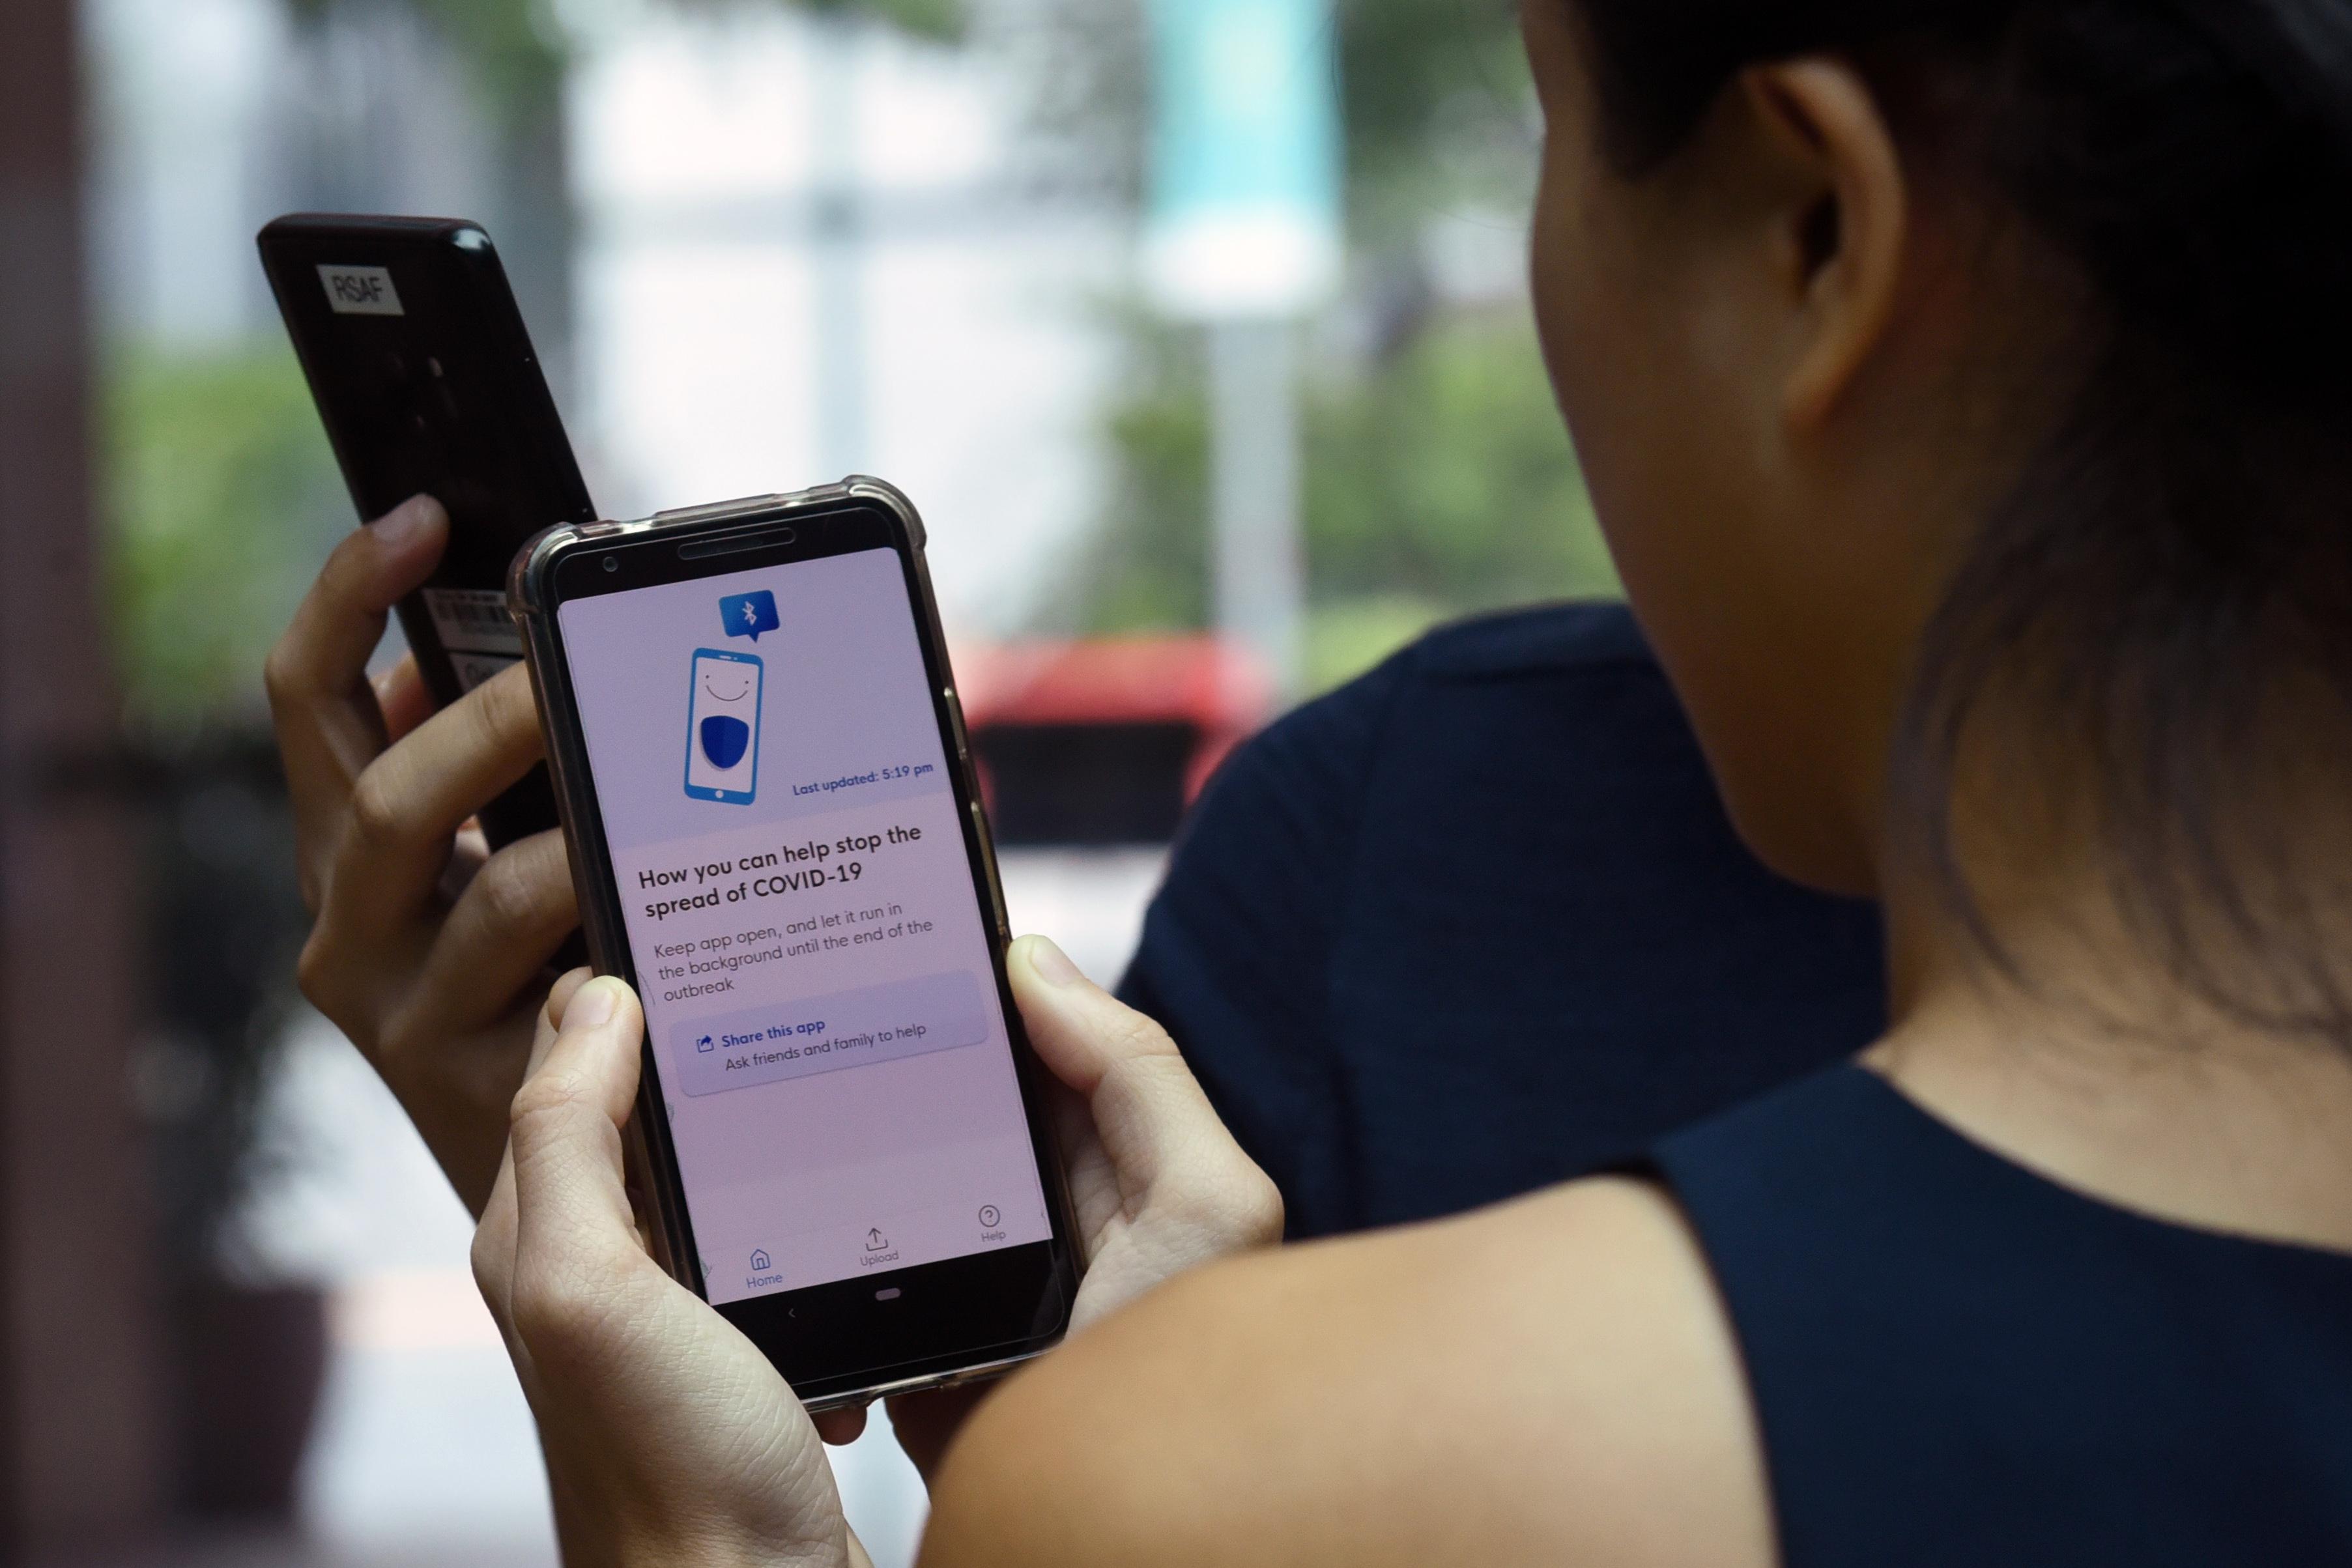 Egymillió ausztrál máris letöltötte a kormányzati nyomkövető alkalmazást